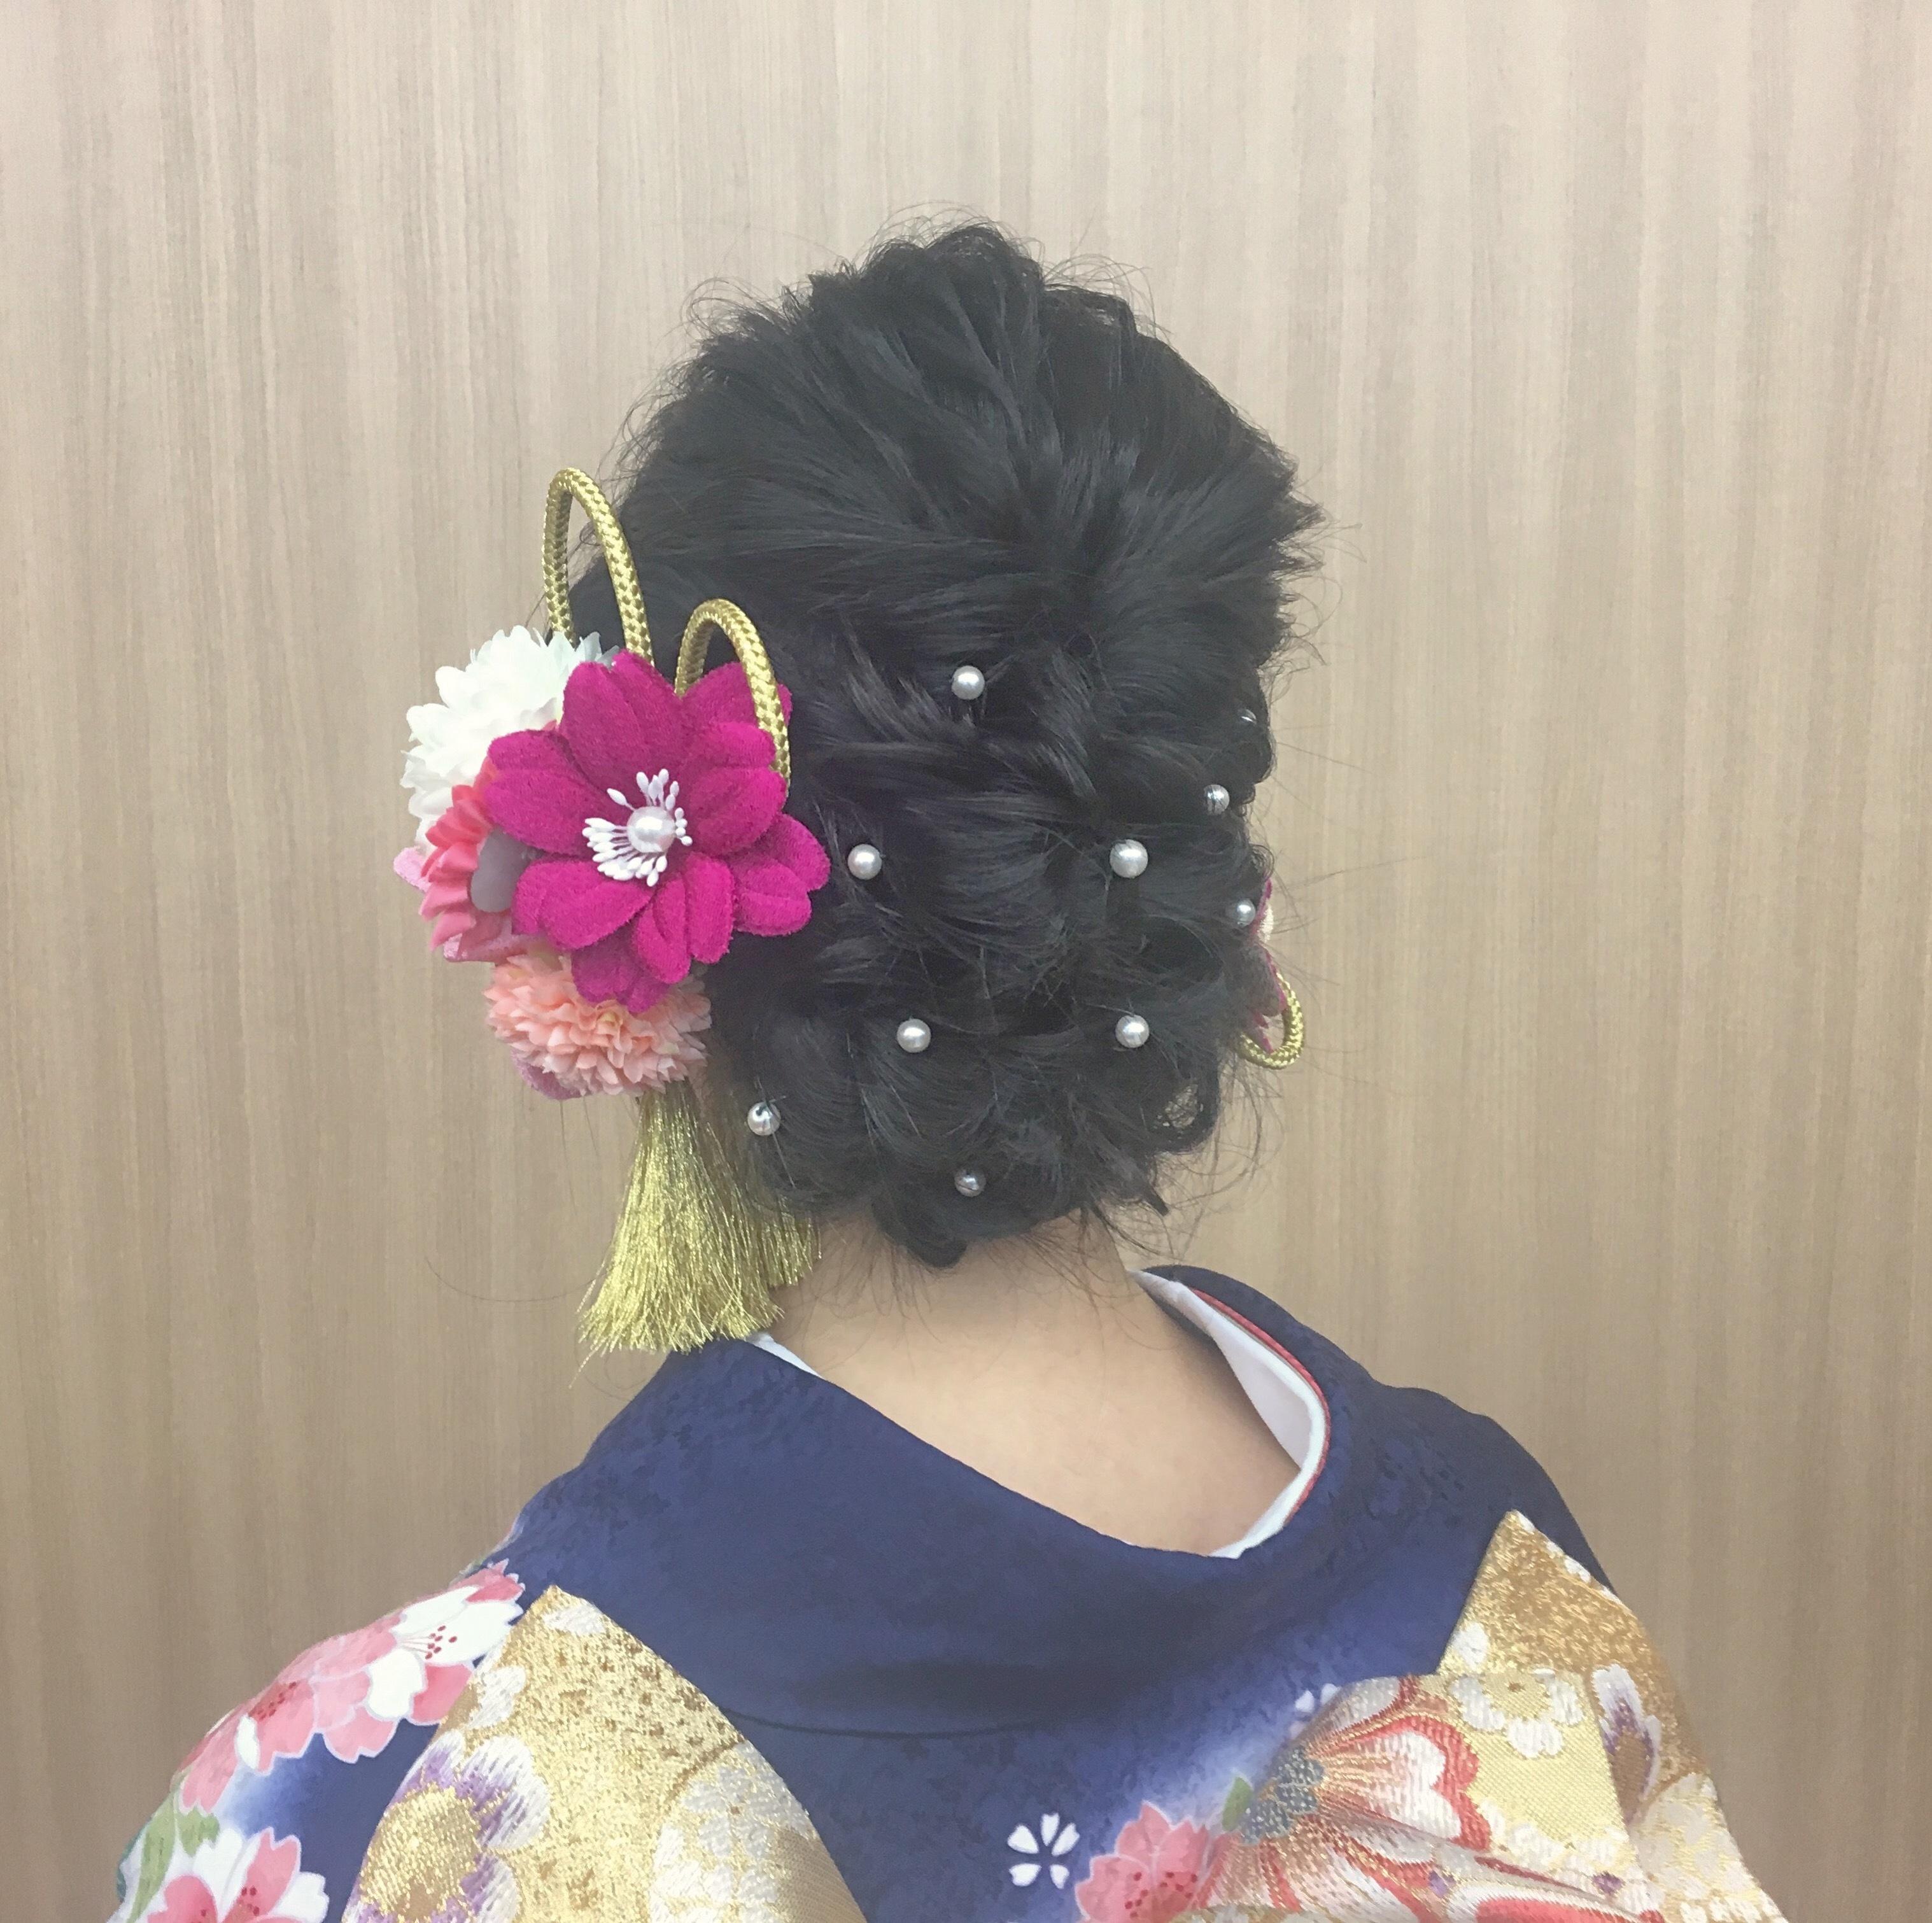 成人式や前撮りの参考にして欲しい!オススメの髪型やネイル紹介.*・゚_1_2